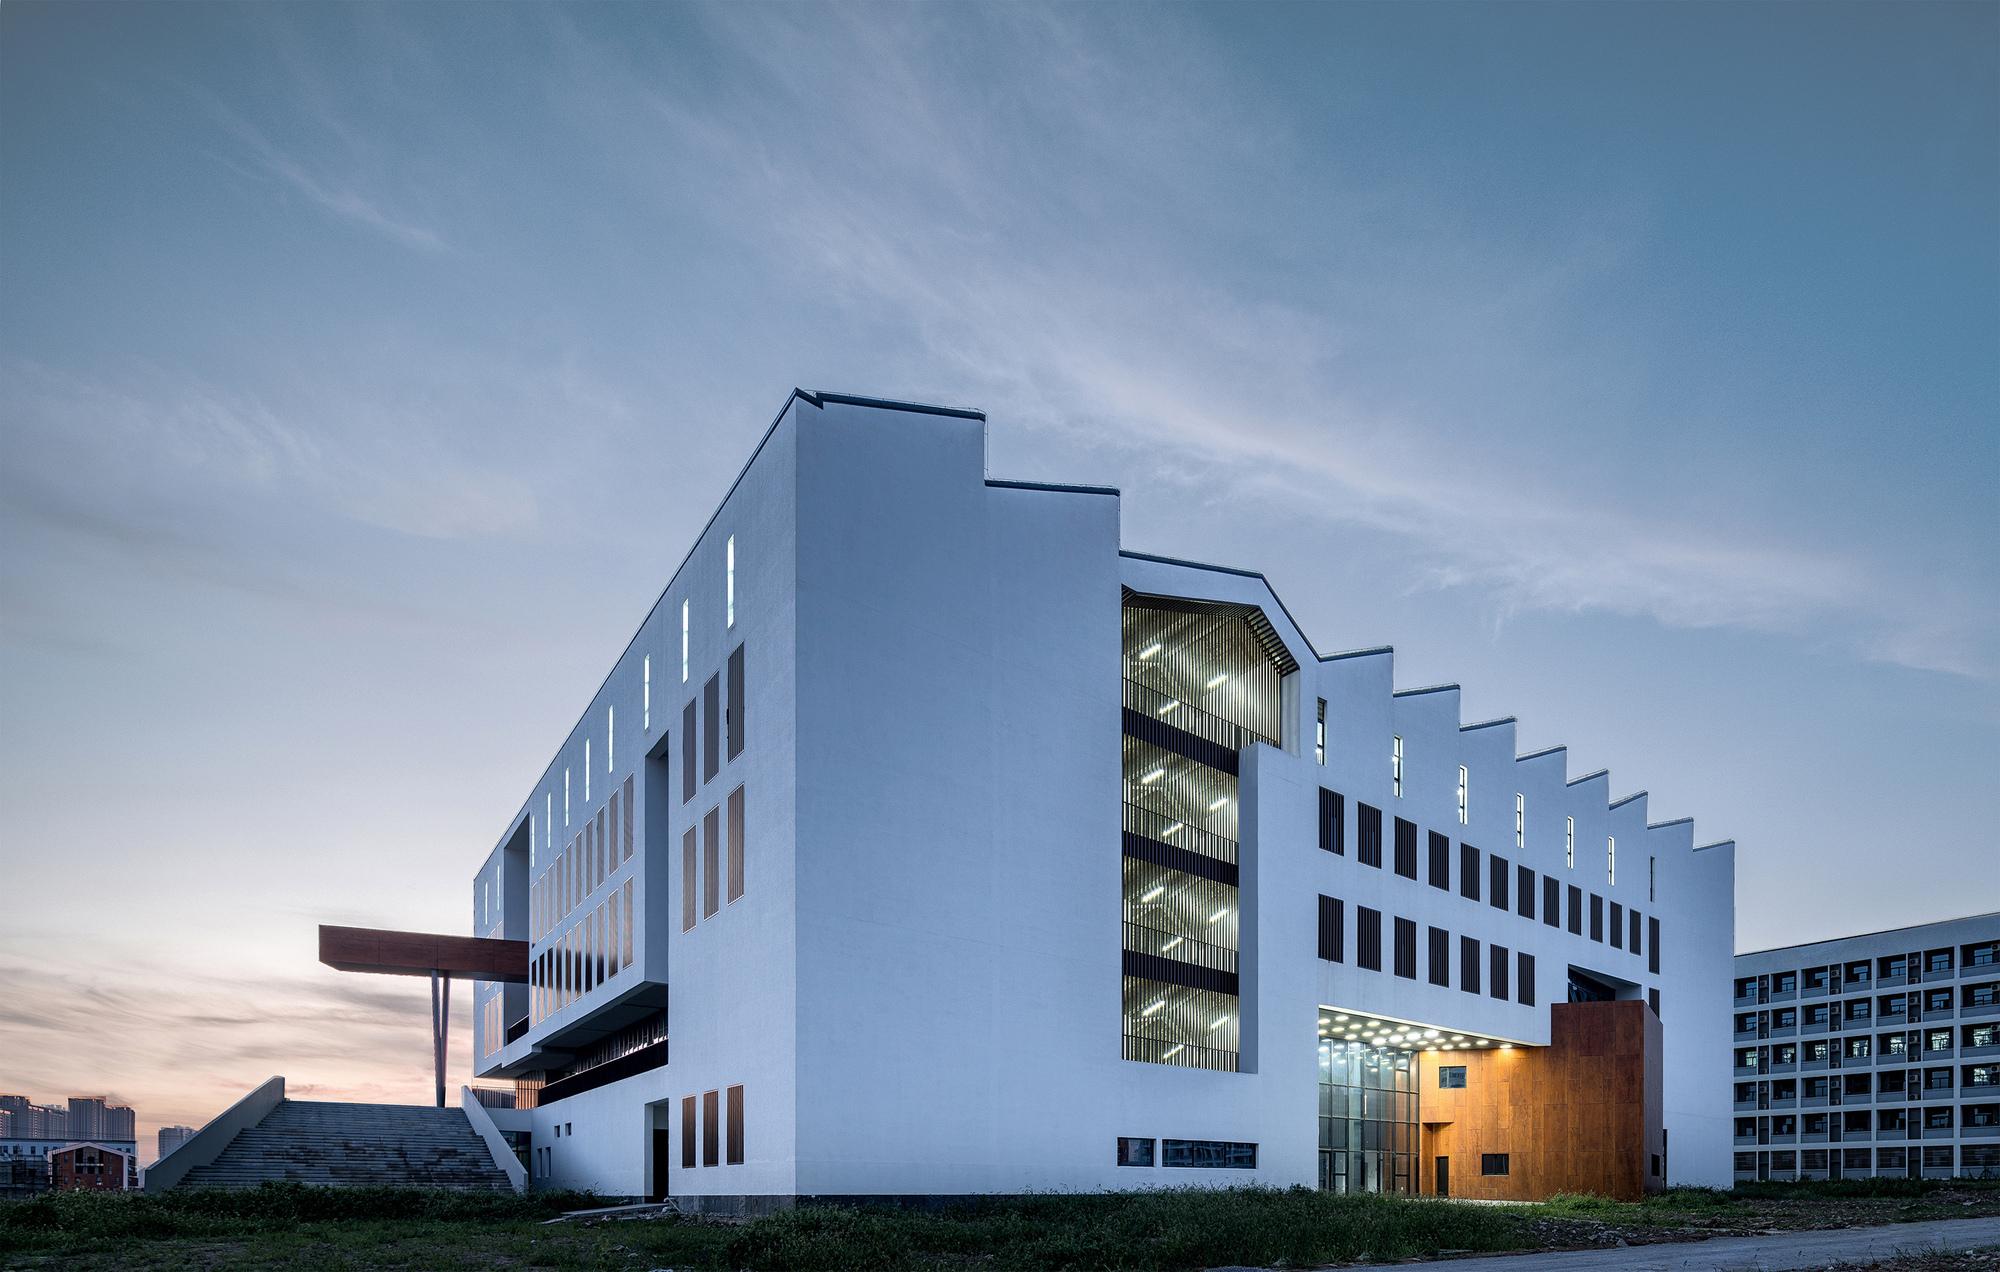 Fine Arts Building of AHUAC / TJAD